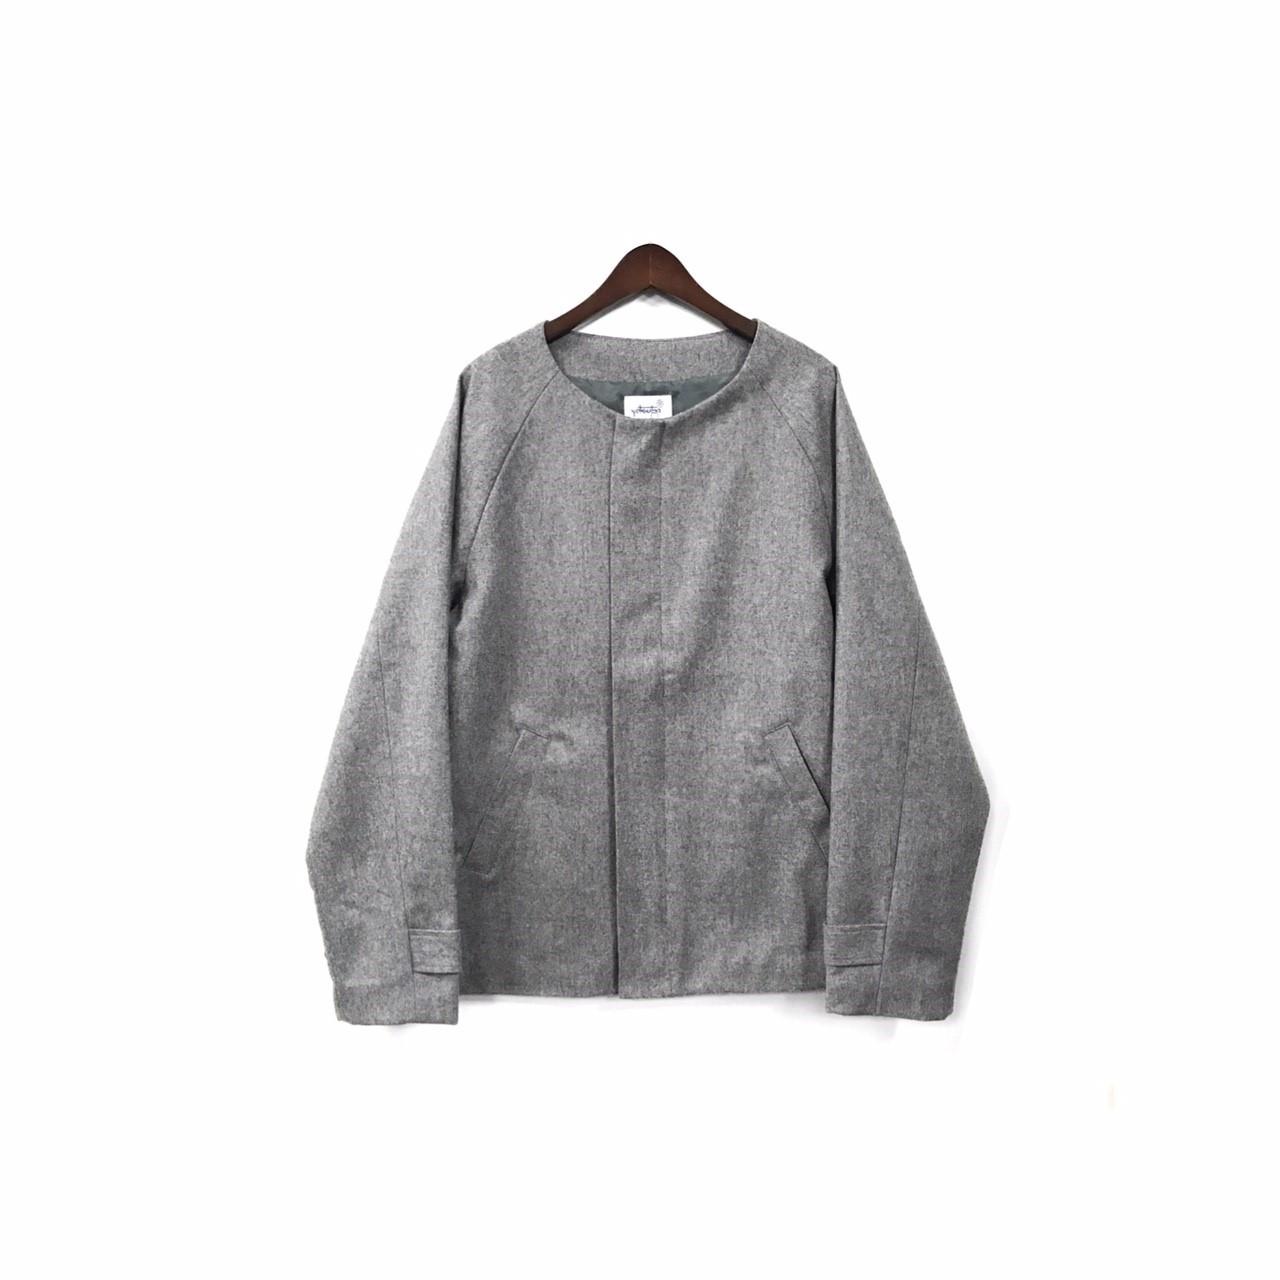 yotsuba - Nocollar Jacket / Gray ¥35000+tax